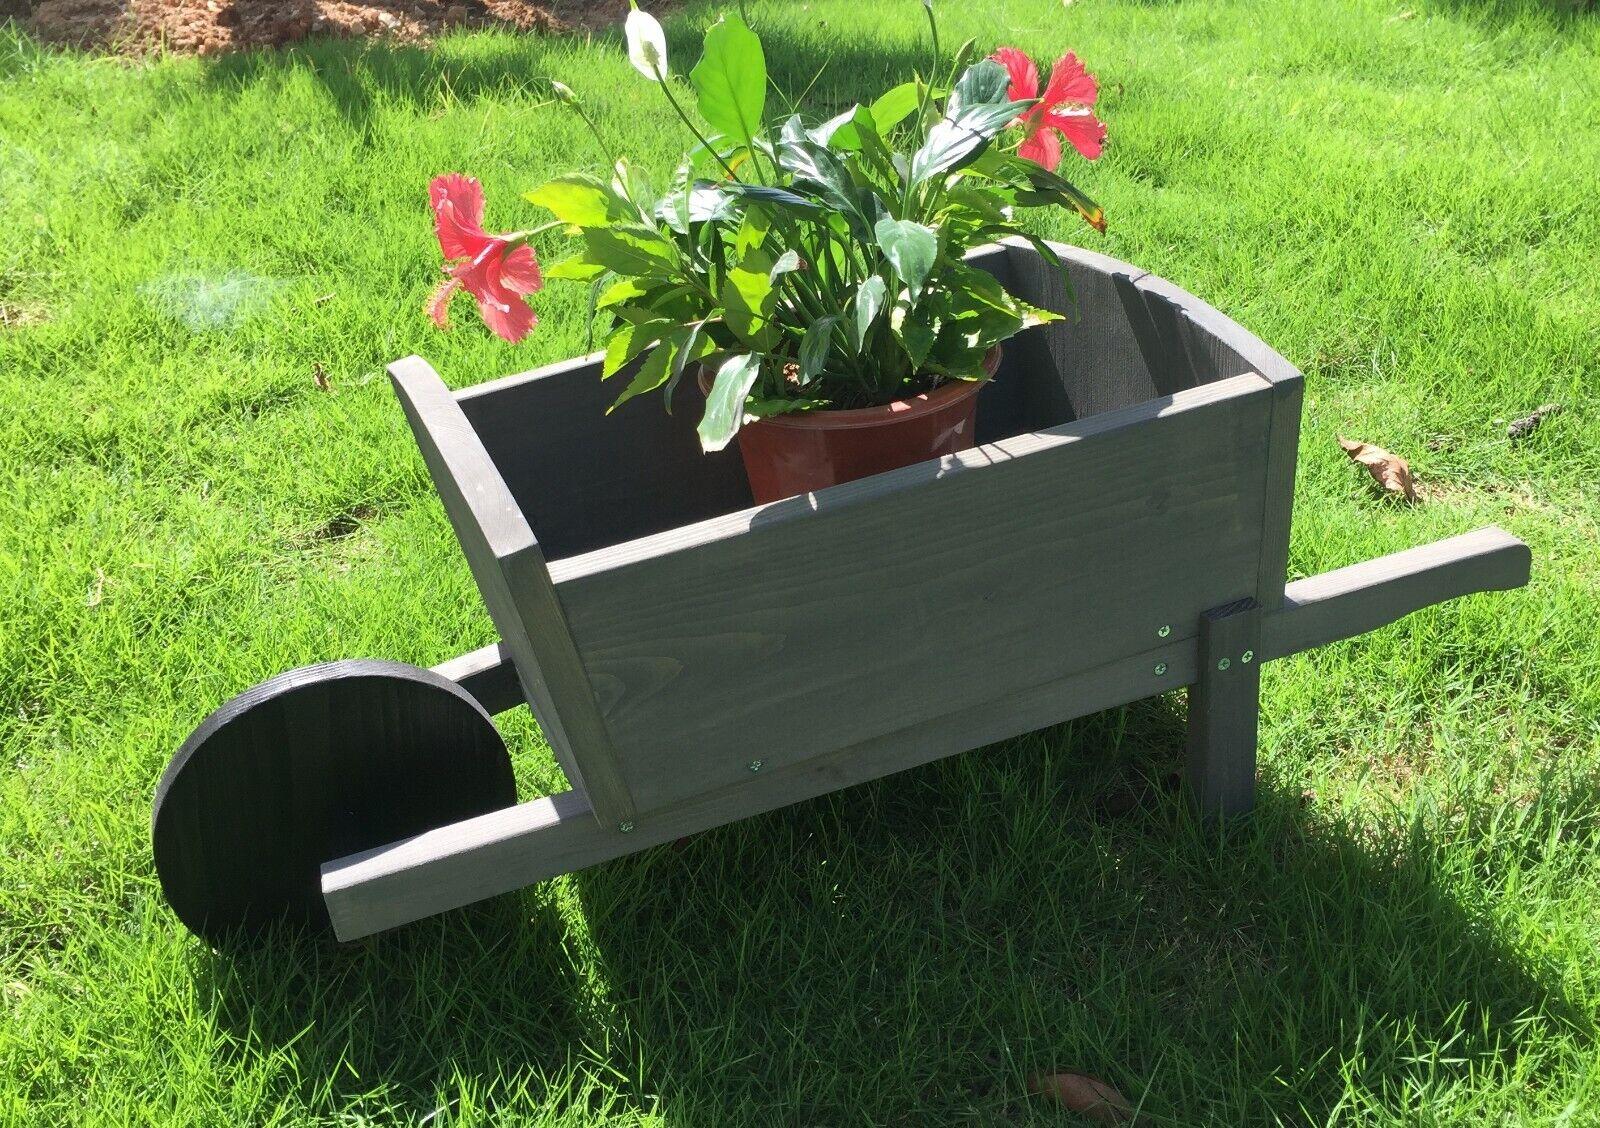 Seny Cute Wheelbarrow Style Garden Planter 100% Wood Garden Bed Box